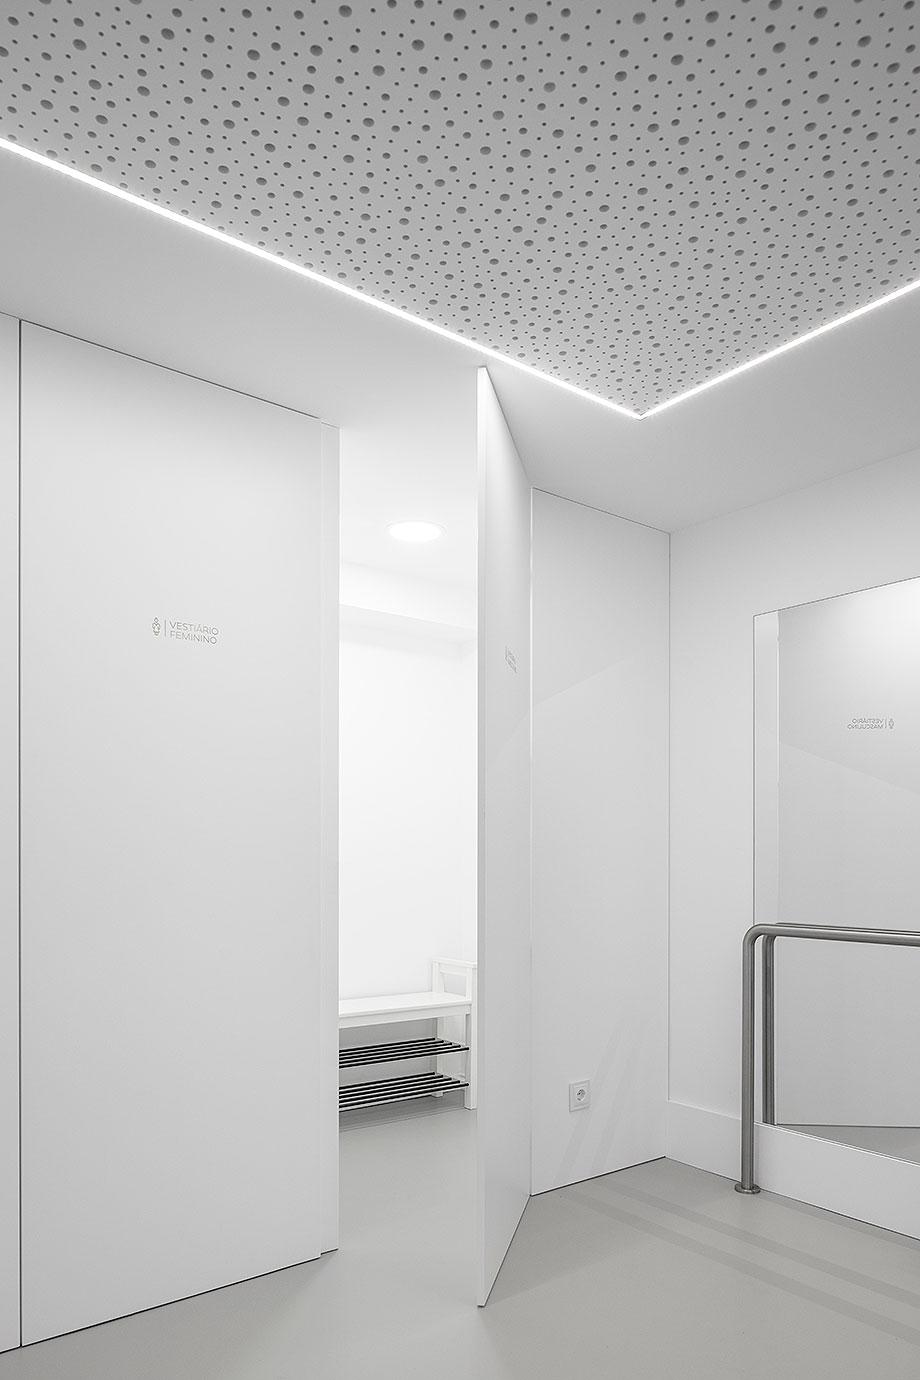 centro de bienestar belife de romulo neto arquitetos (23) - foto ivo tavares